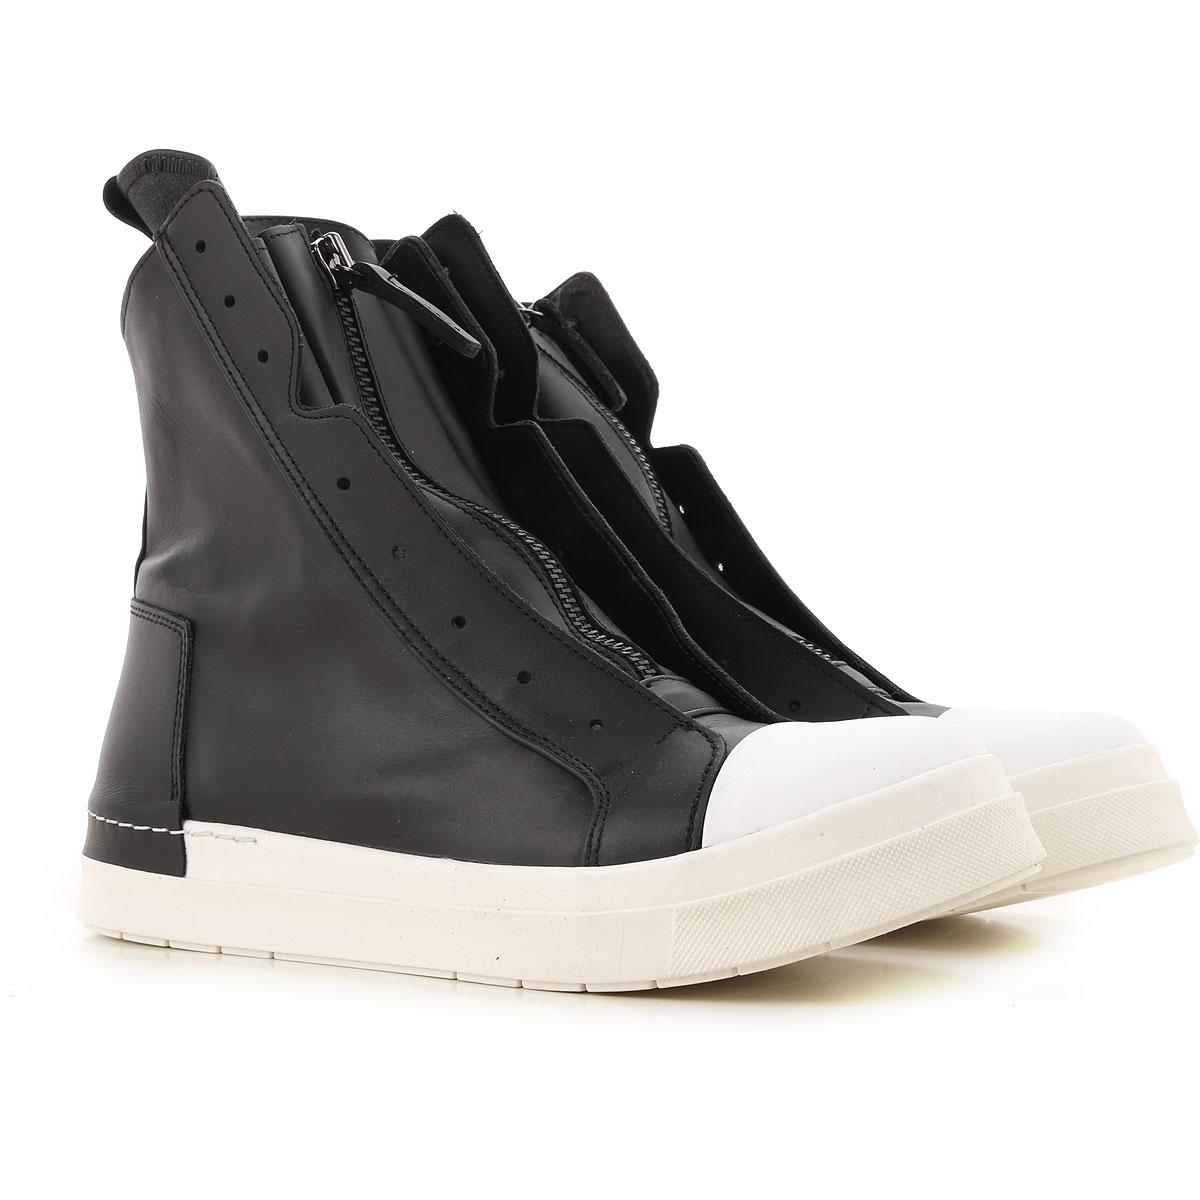 Cinzia Araia Sneaker Homme, Noir, Cuir, 2019, 40 41 42 43 44